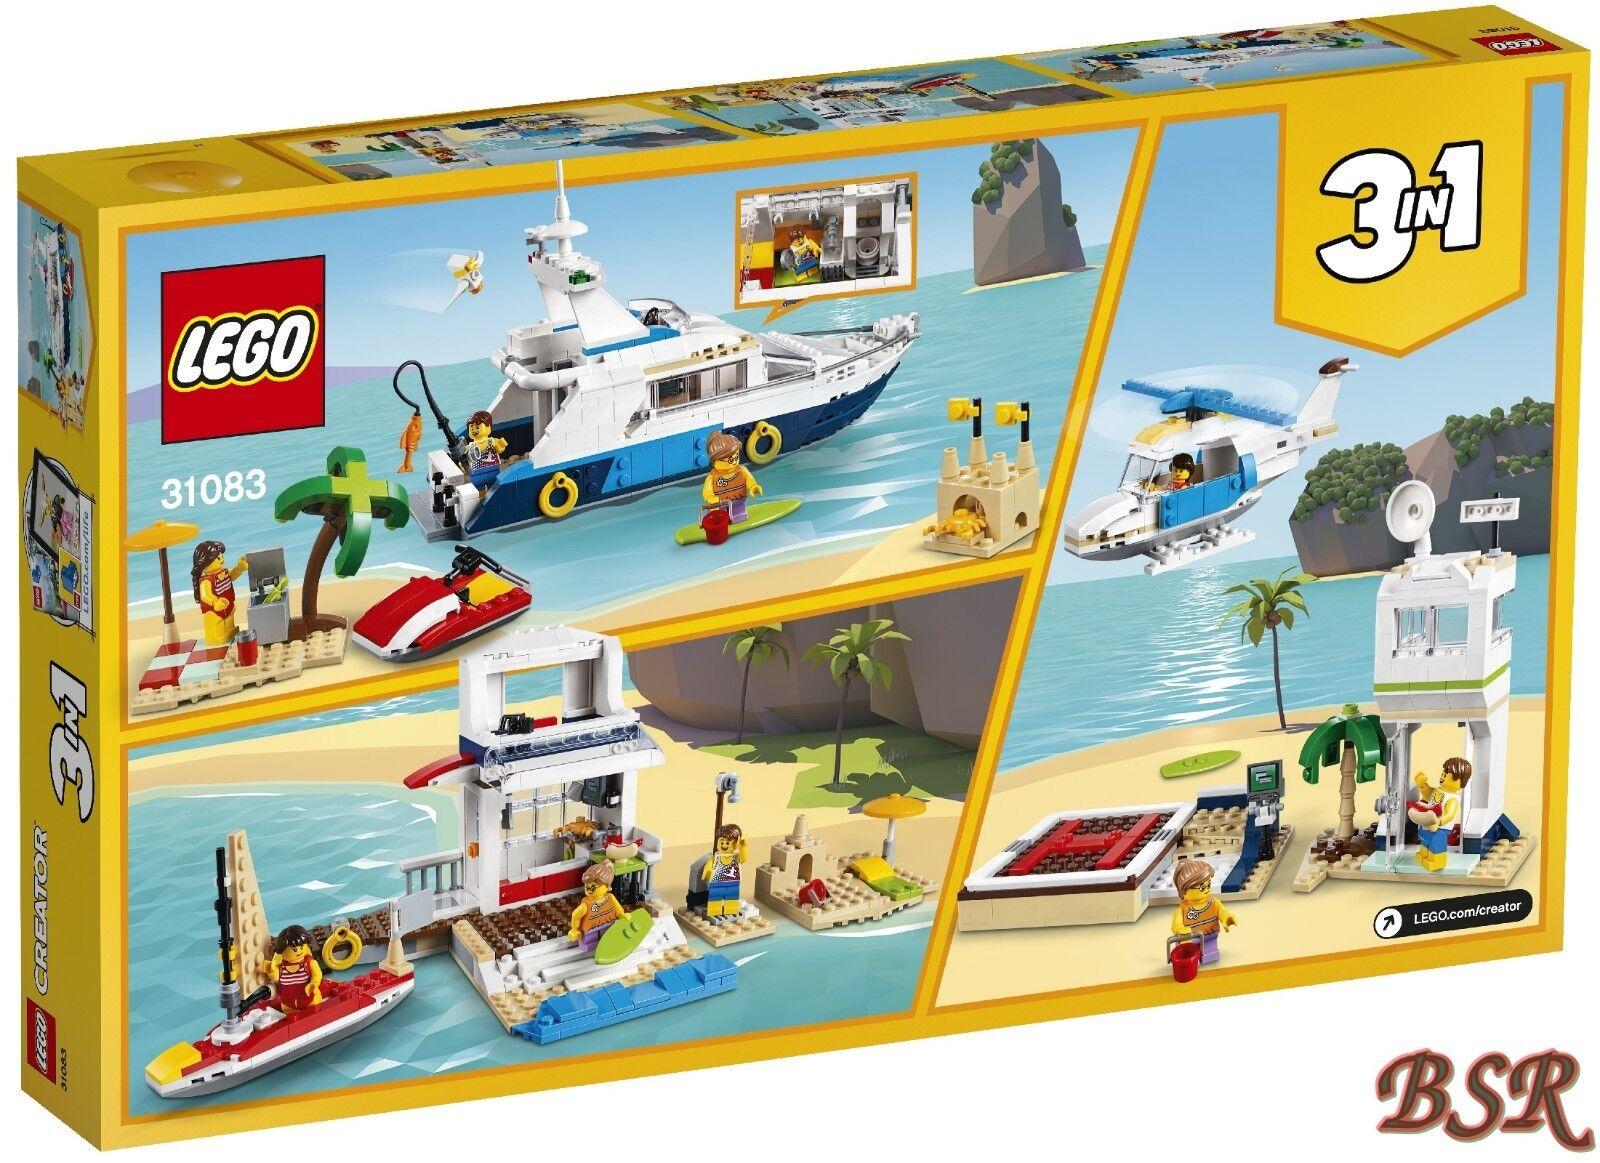 LEGO® Creator  31083 31083 31083  Abenteuer auf der Yacht & 0.- Versand & NEU & OVP 900f80